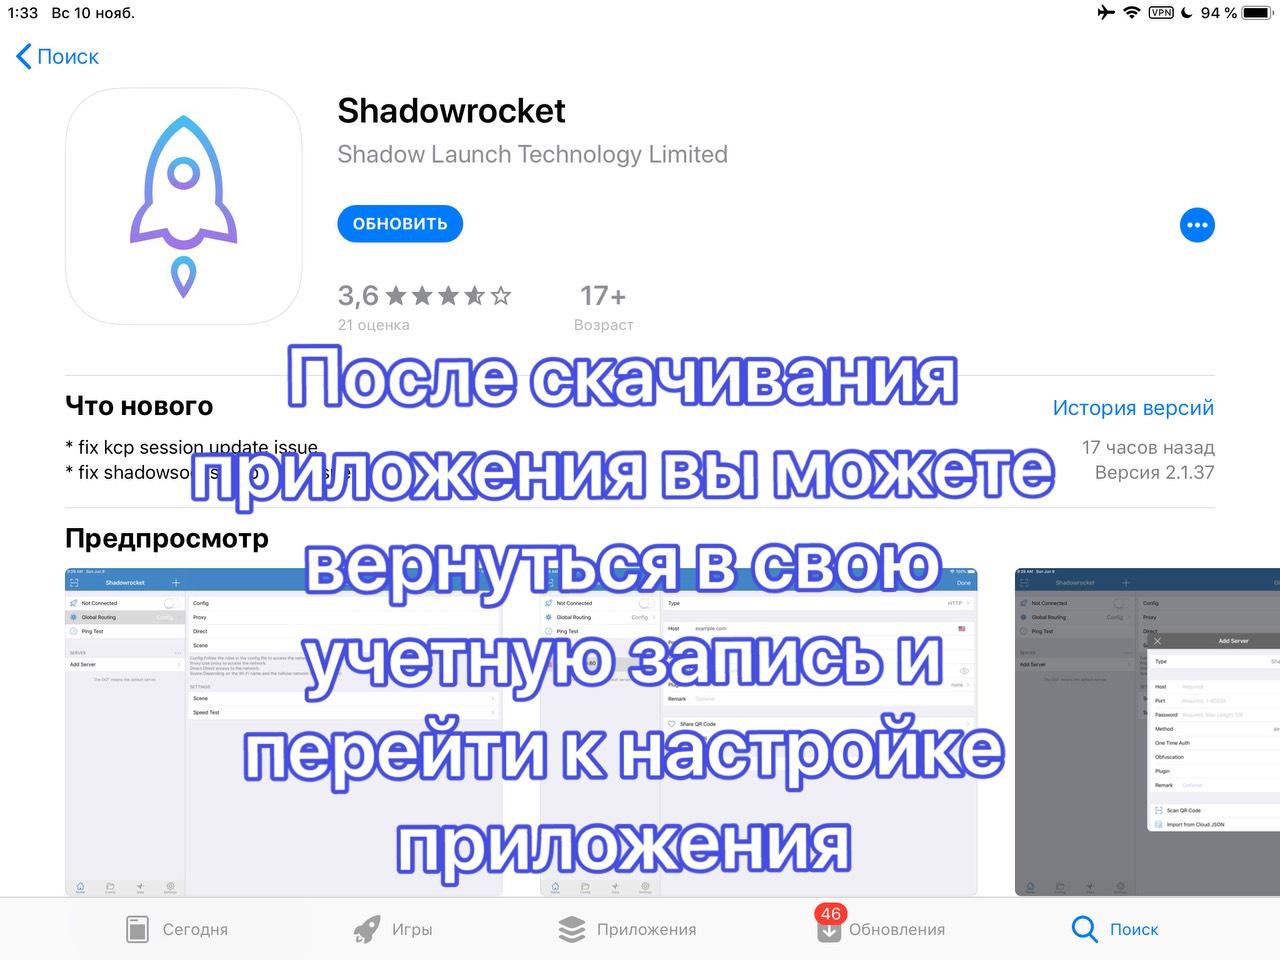 Скачиваем приложение ShadowrocketСкачать  Если приложение недоступно в вашем регионе:Перейдите в: НАСТРОЙКИ > основные > регион Выберете регион Россия